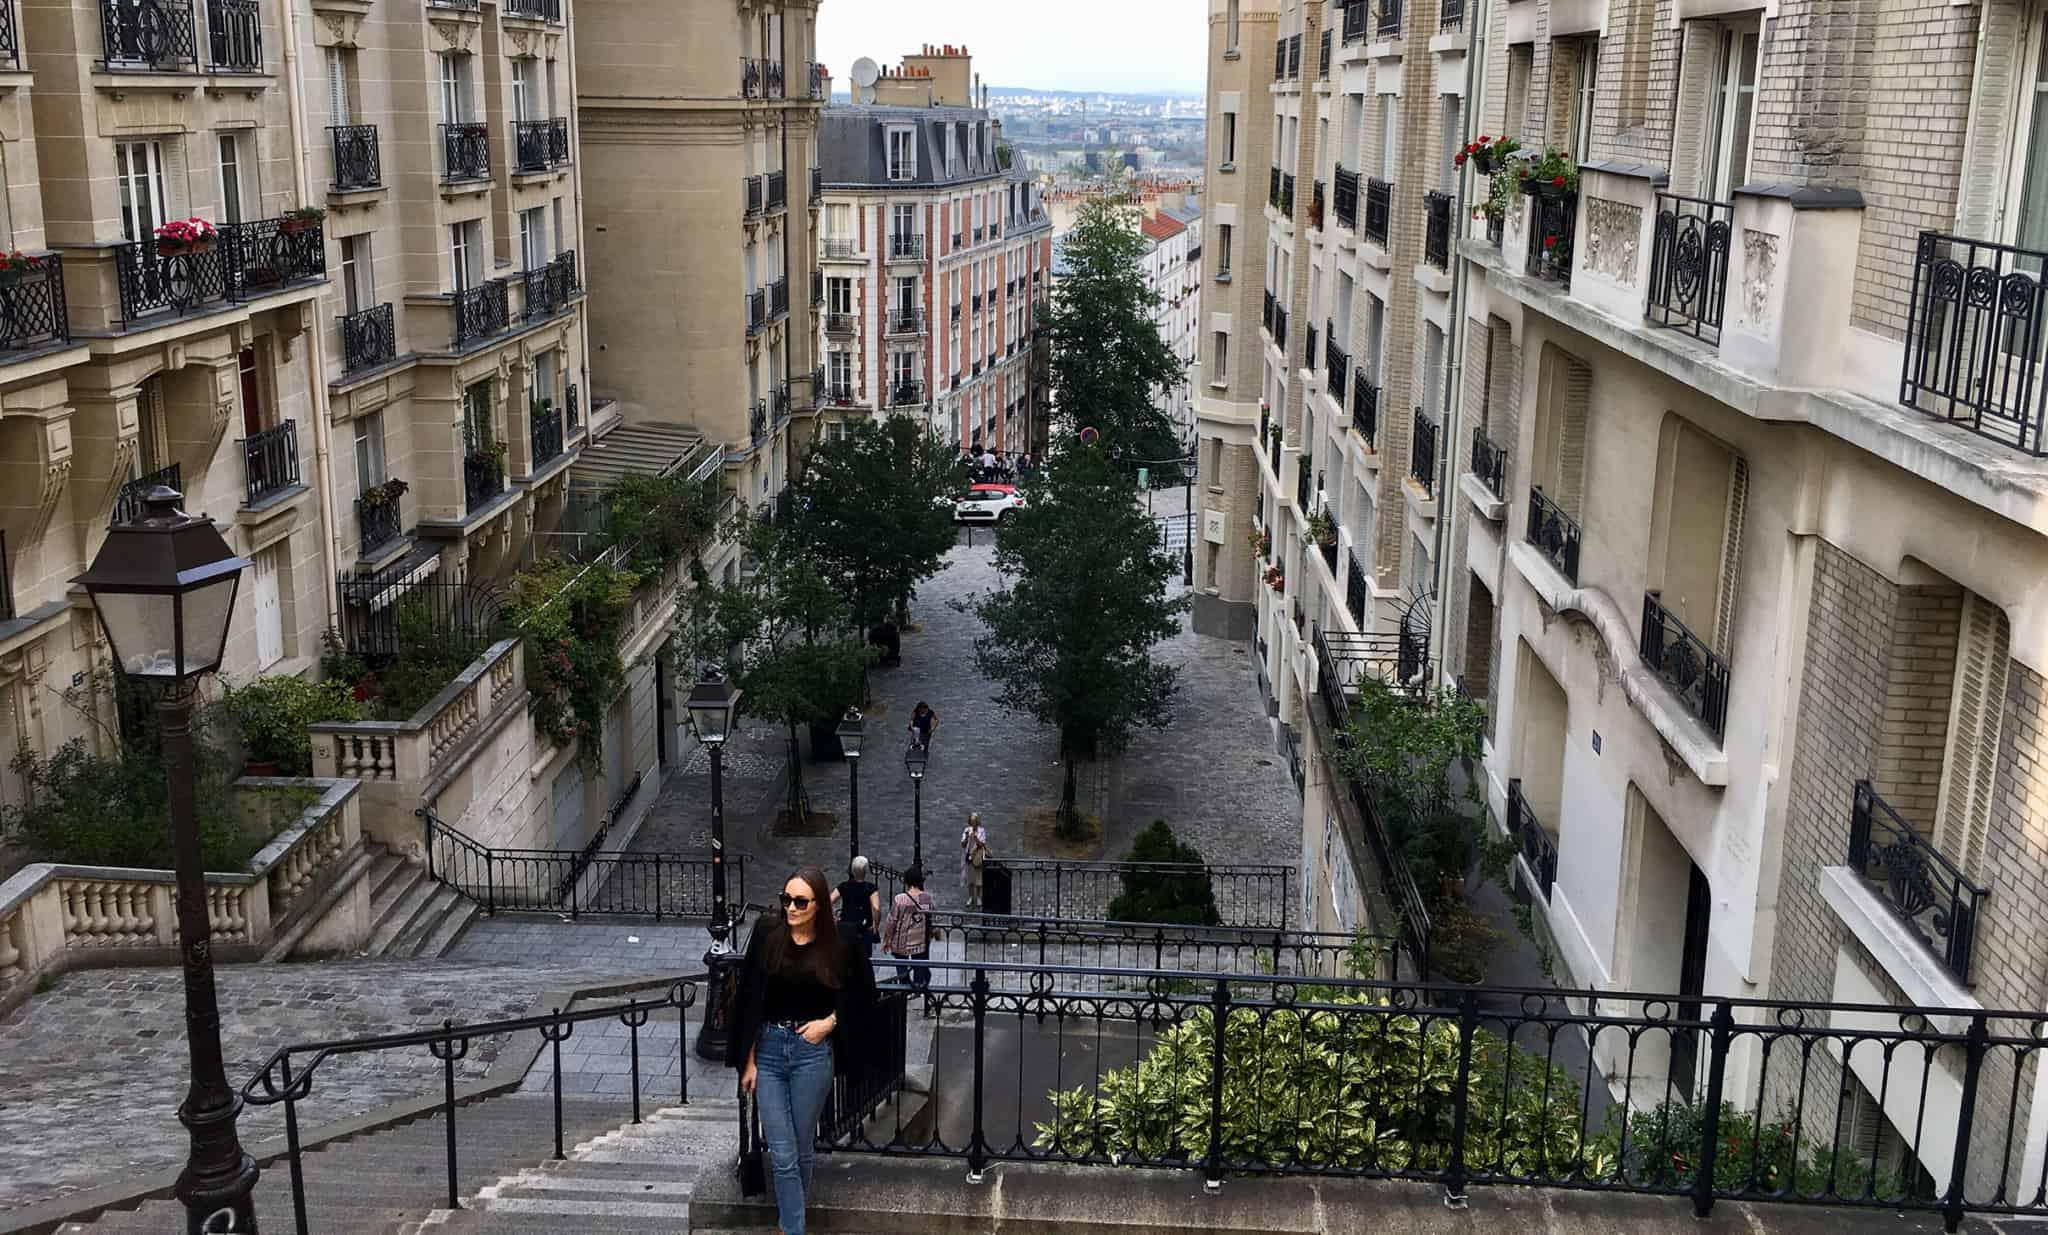 rua pedonal com predios e escadas